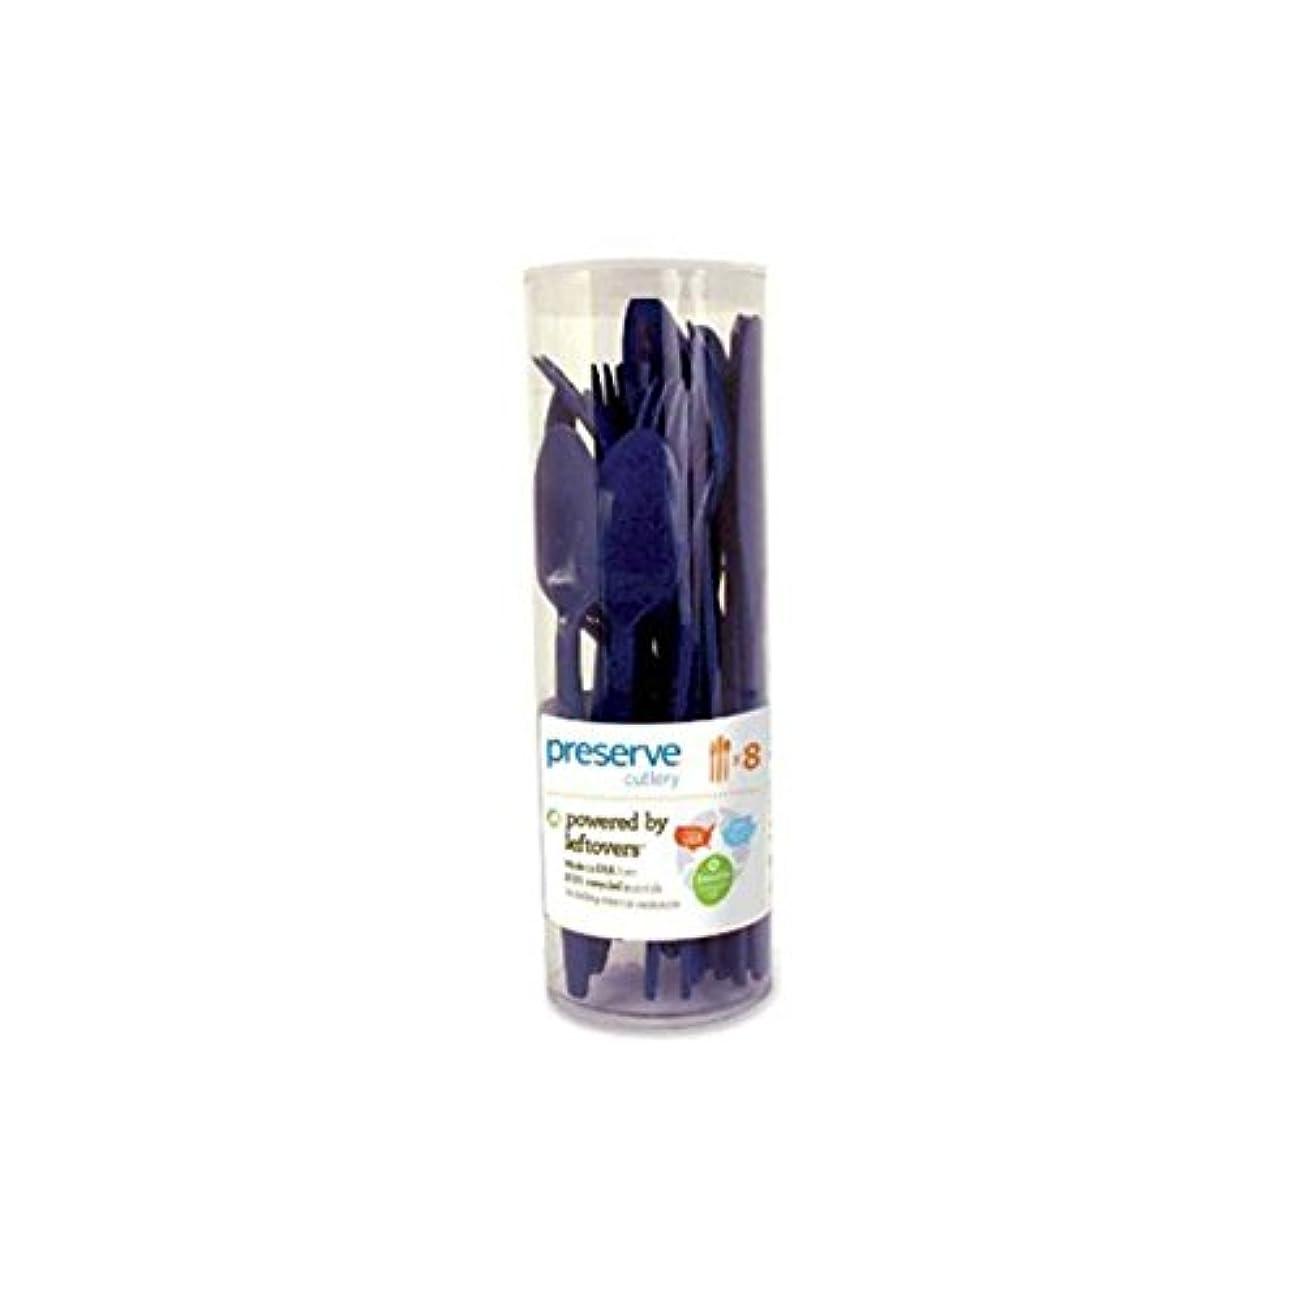 自転車オープニング可能にするPreserve Cutlery (8 Set) - Midnight Blue 24 Pack(S) by Preserve